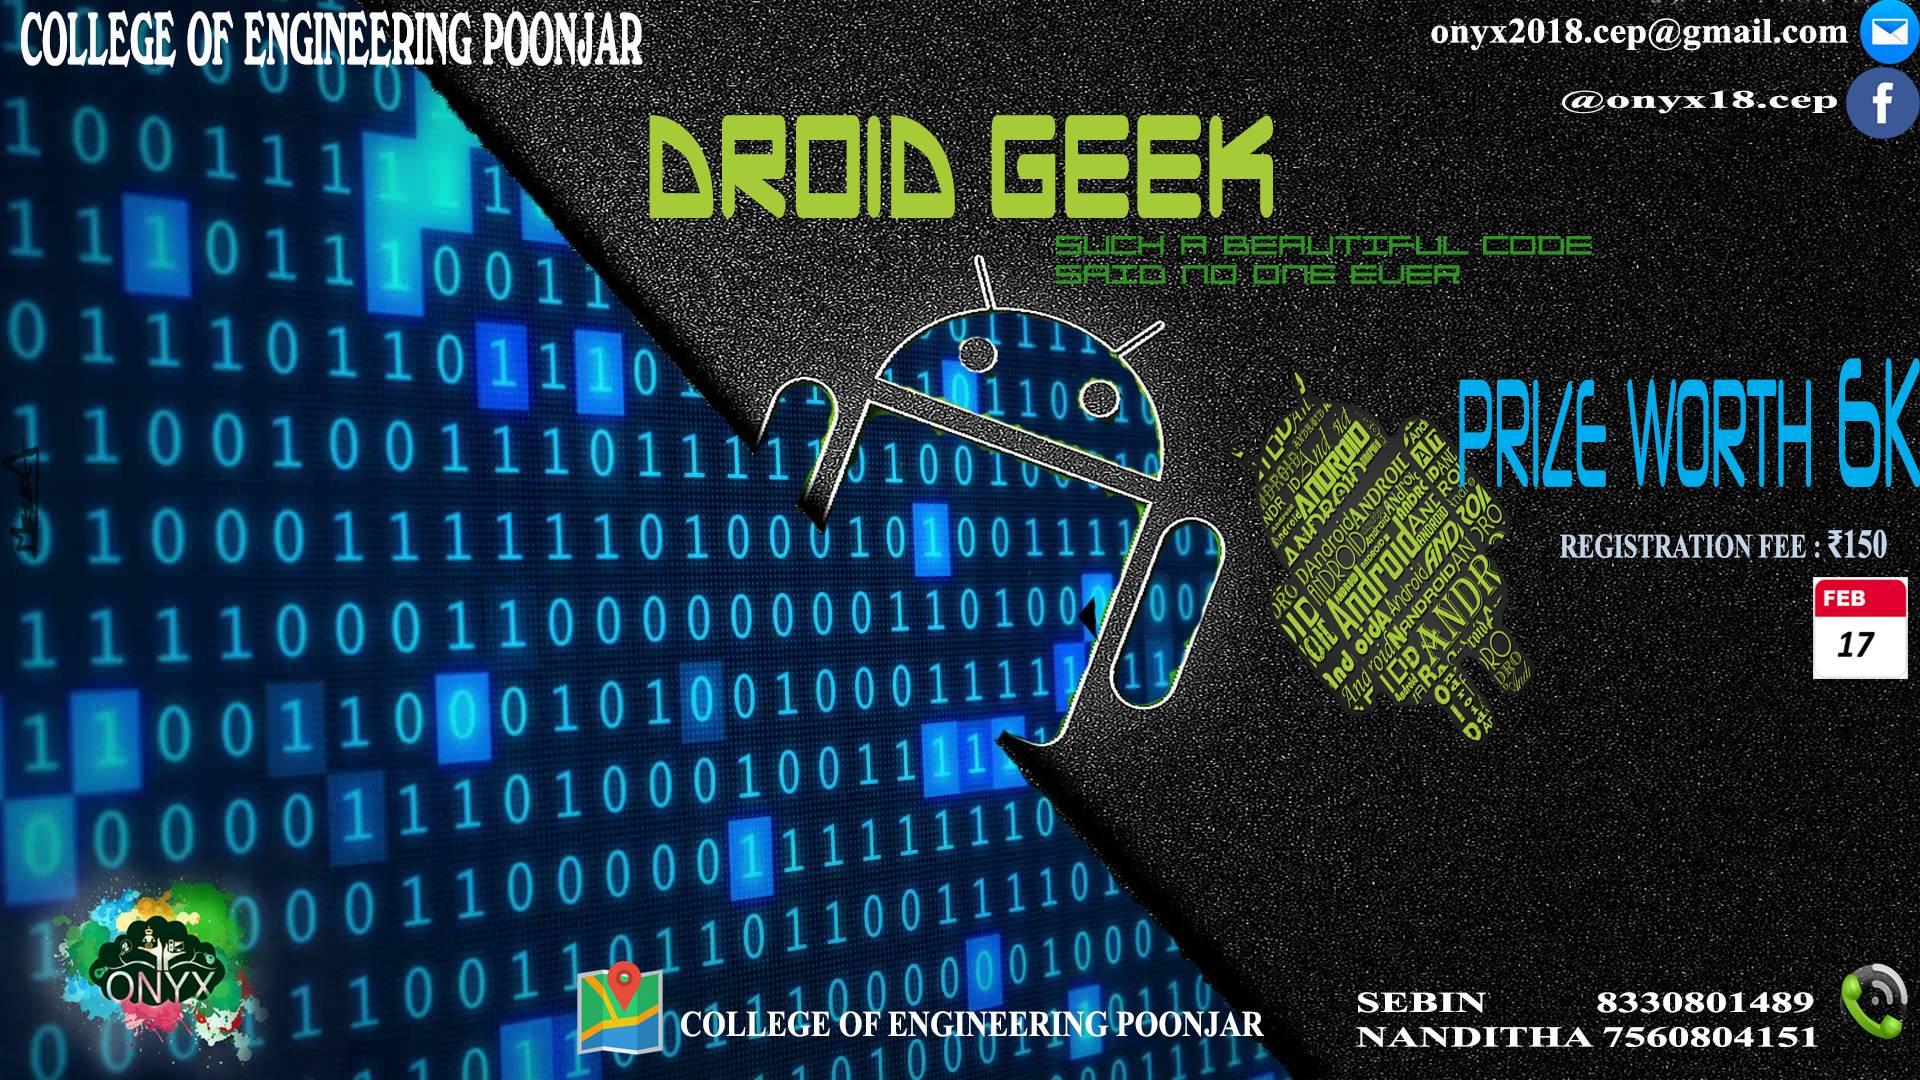 droid-geek-1920x1080